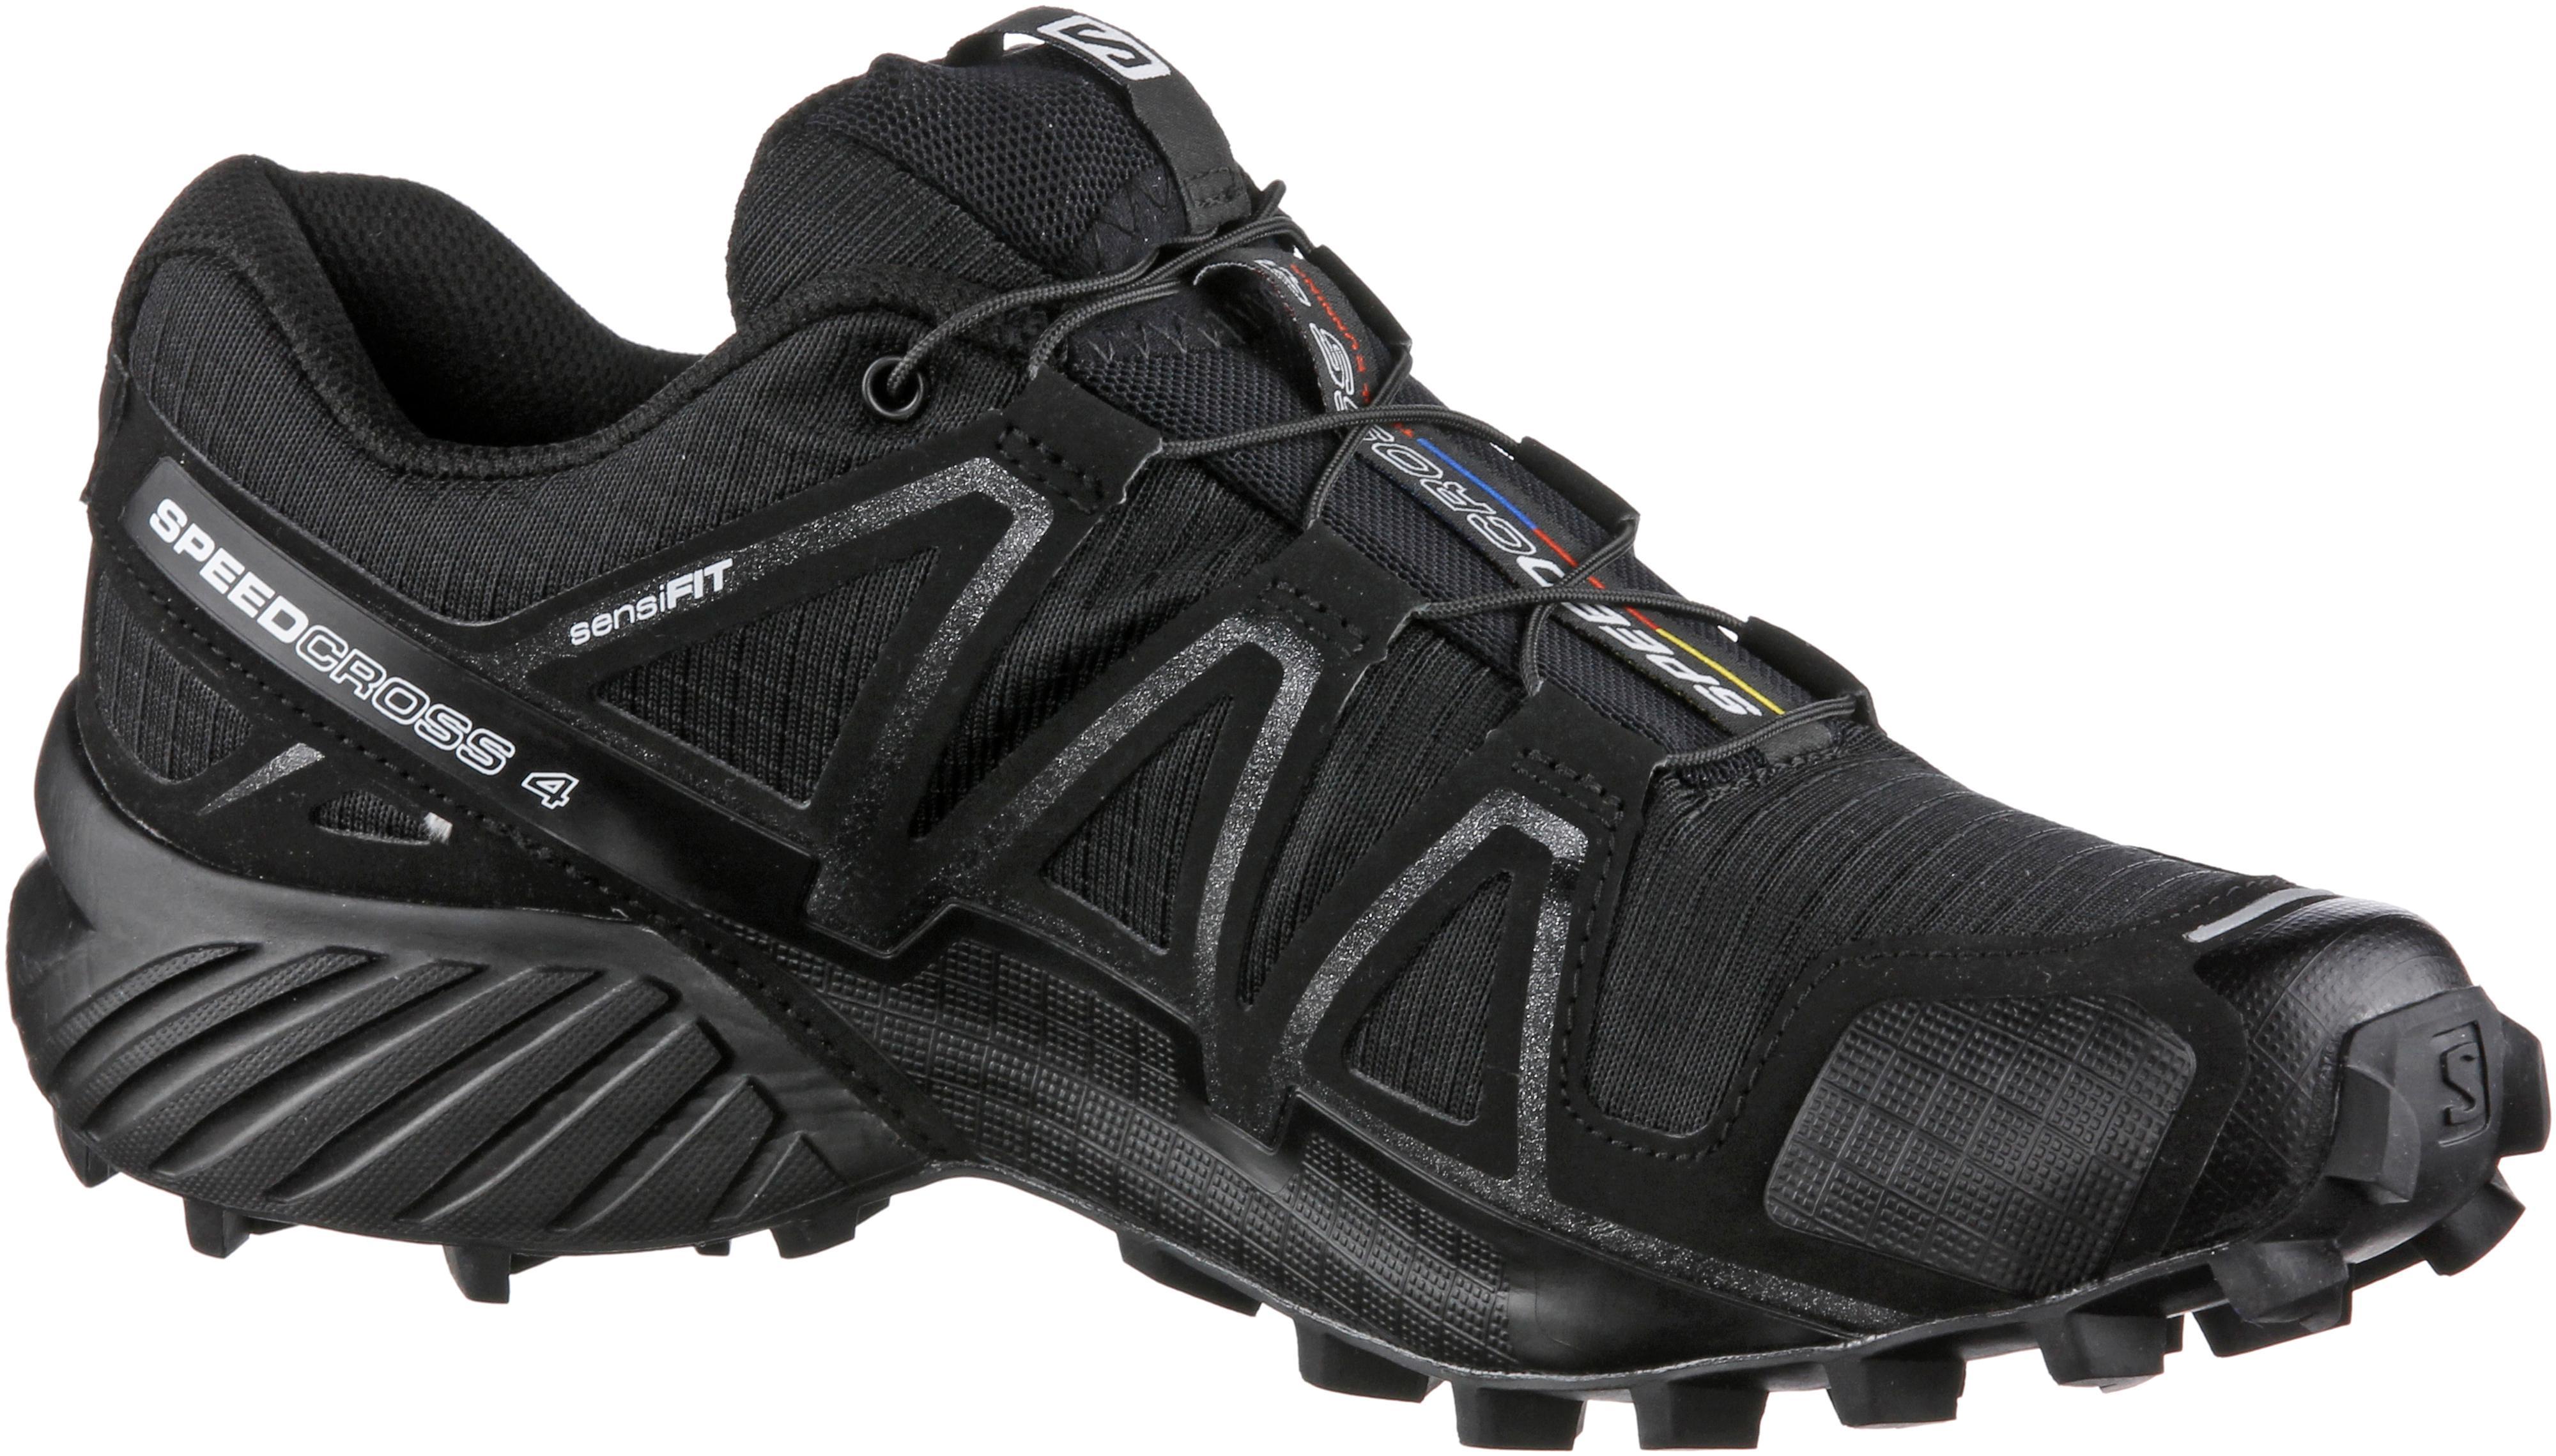 Salomon SPEEDCROSS 4 Laufschuhe Damen schwarz im Online Online Online Shop von SportScheck kaufen Gute Qualität beliebte Schuhe 5cb3d1